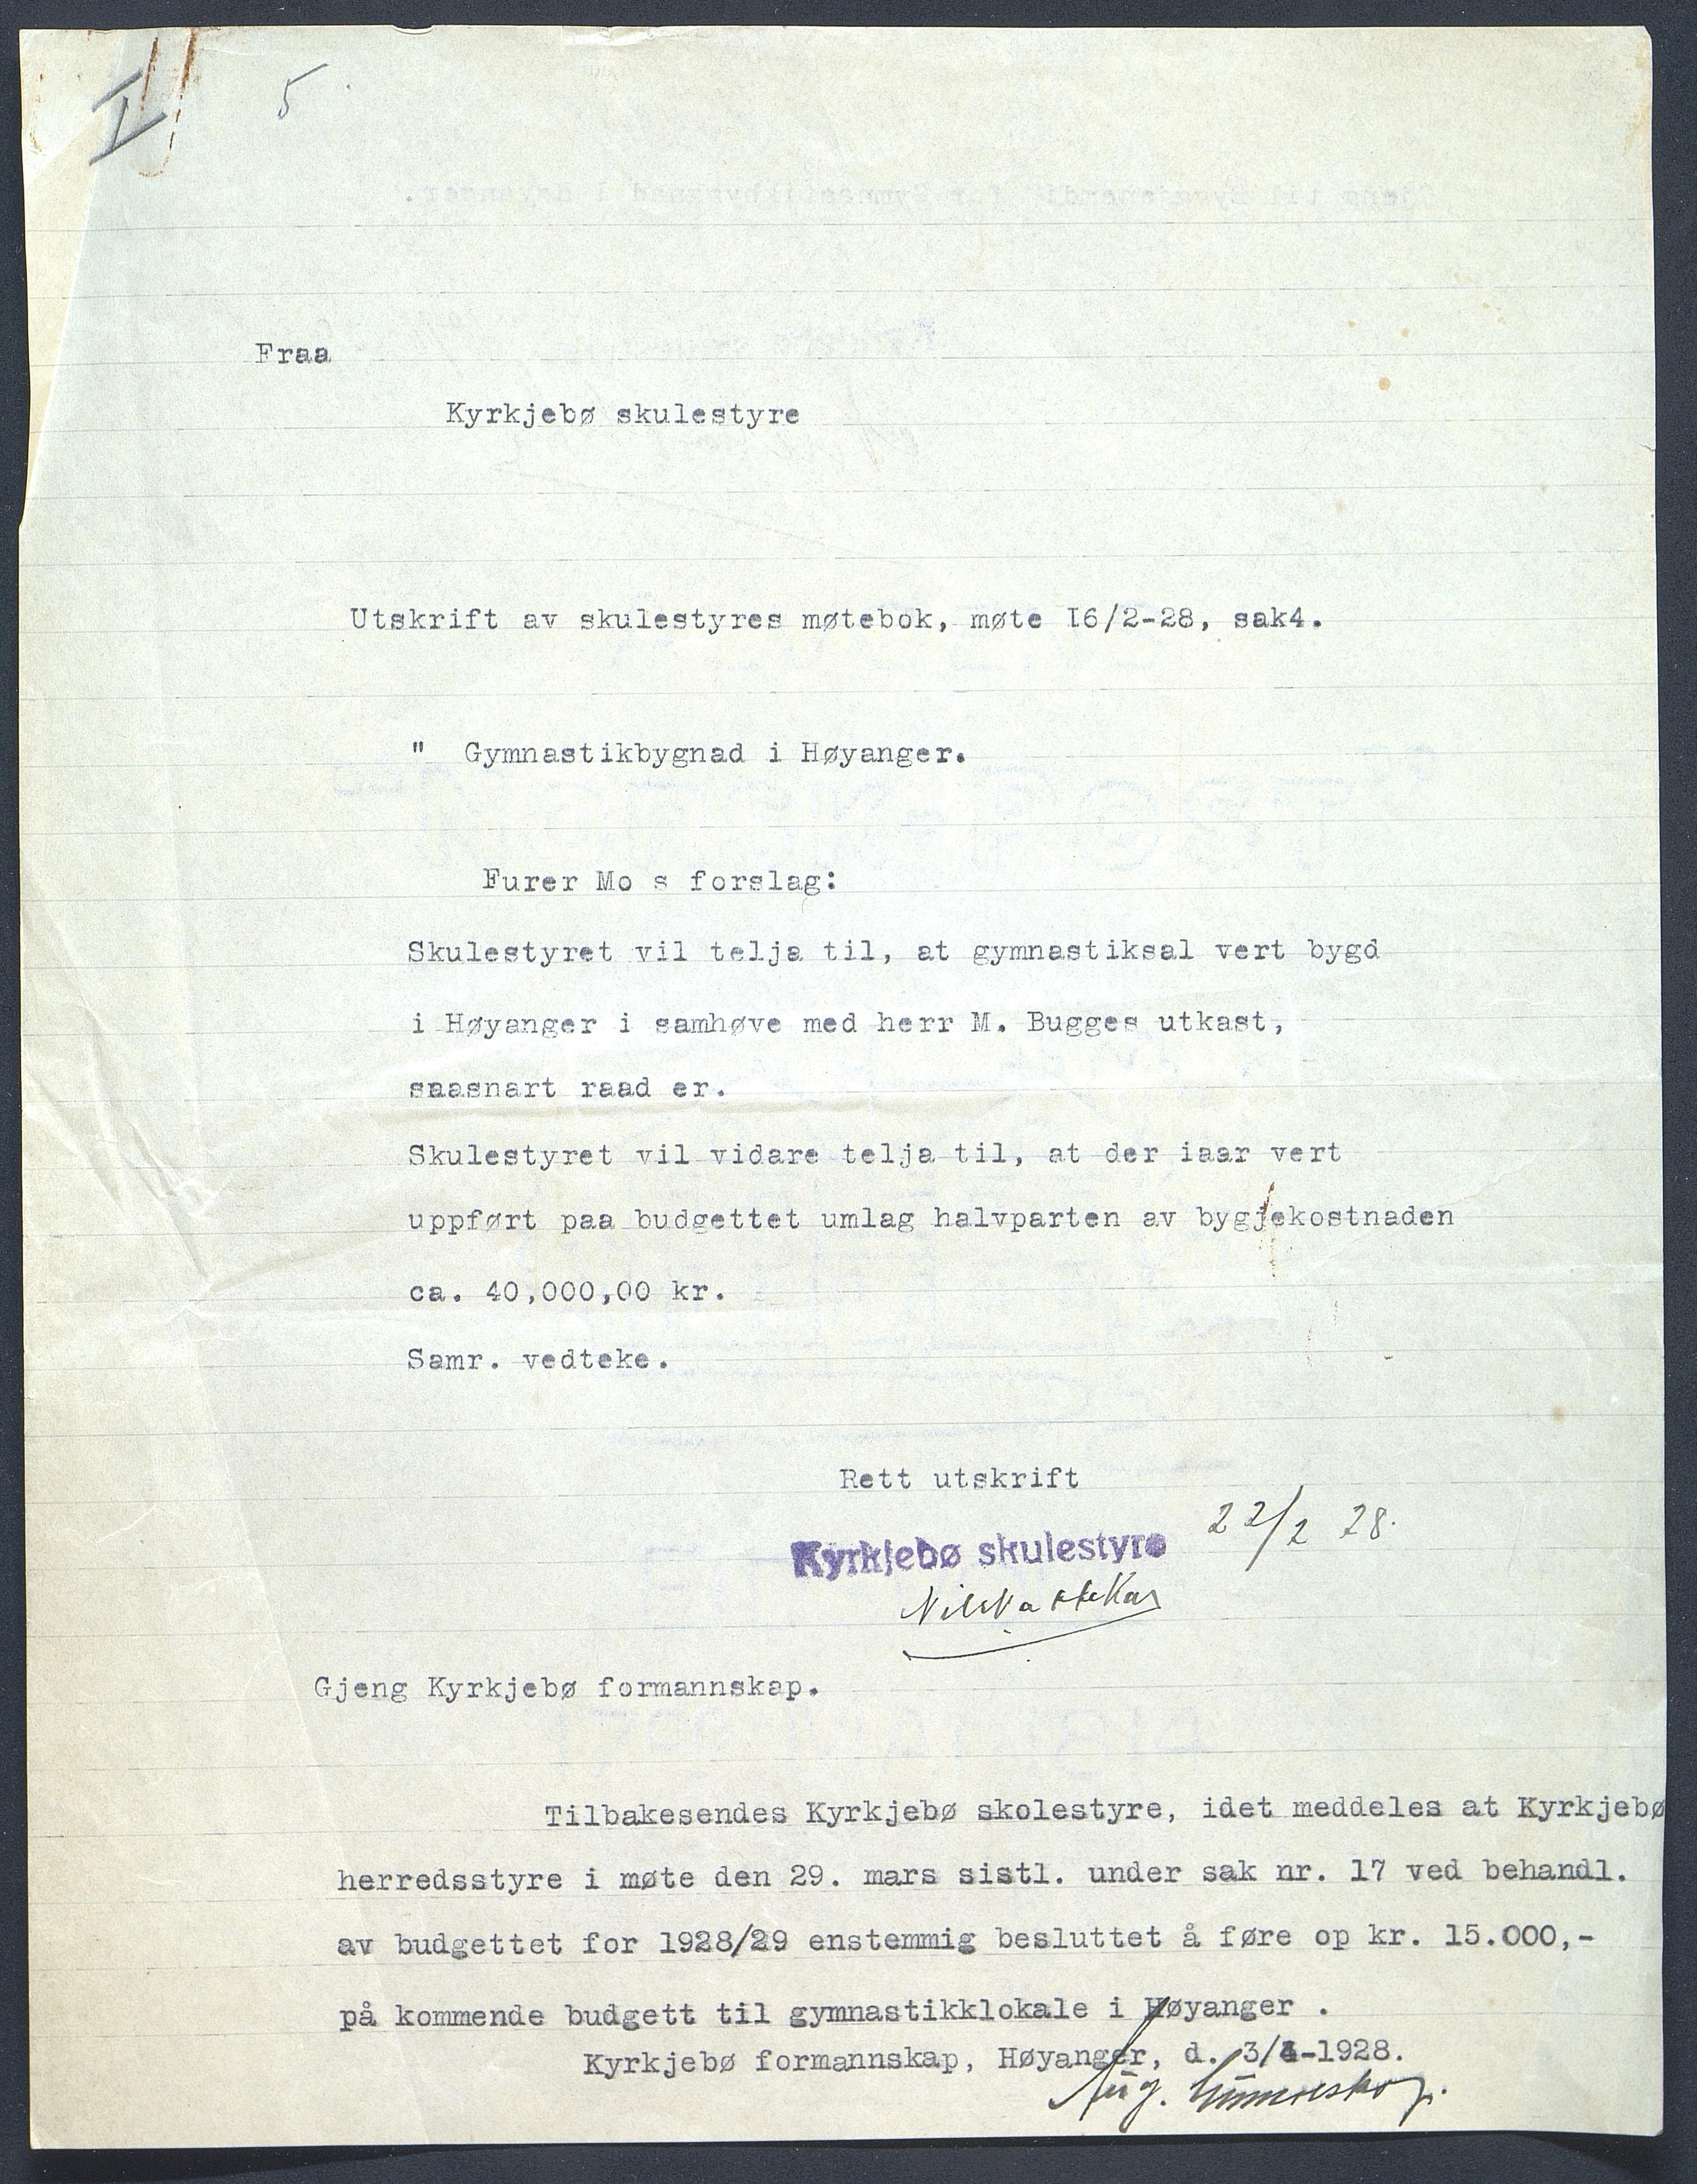 Vedtak frå skulestyret i Kyrkjebø kommune om bygging av gymnastikksal i Høyanger.